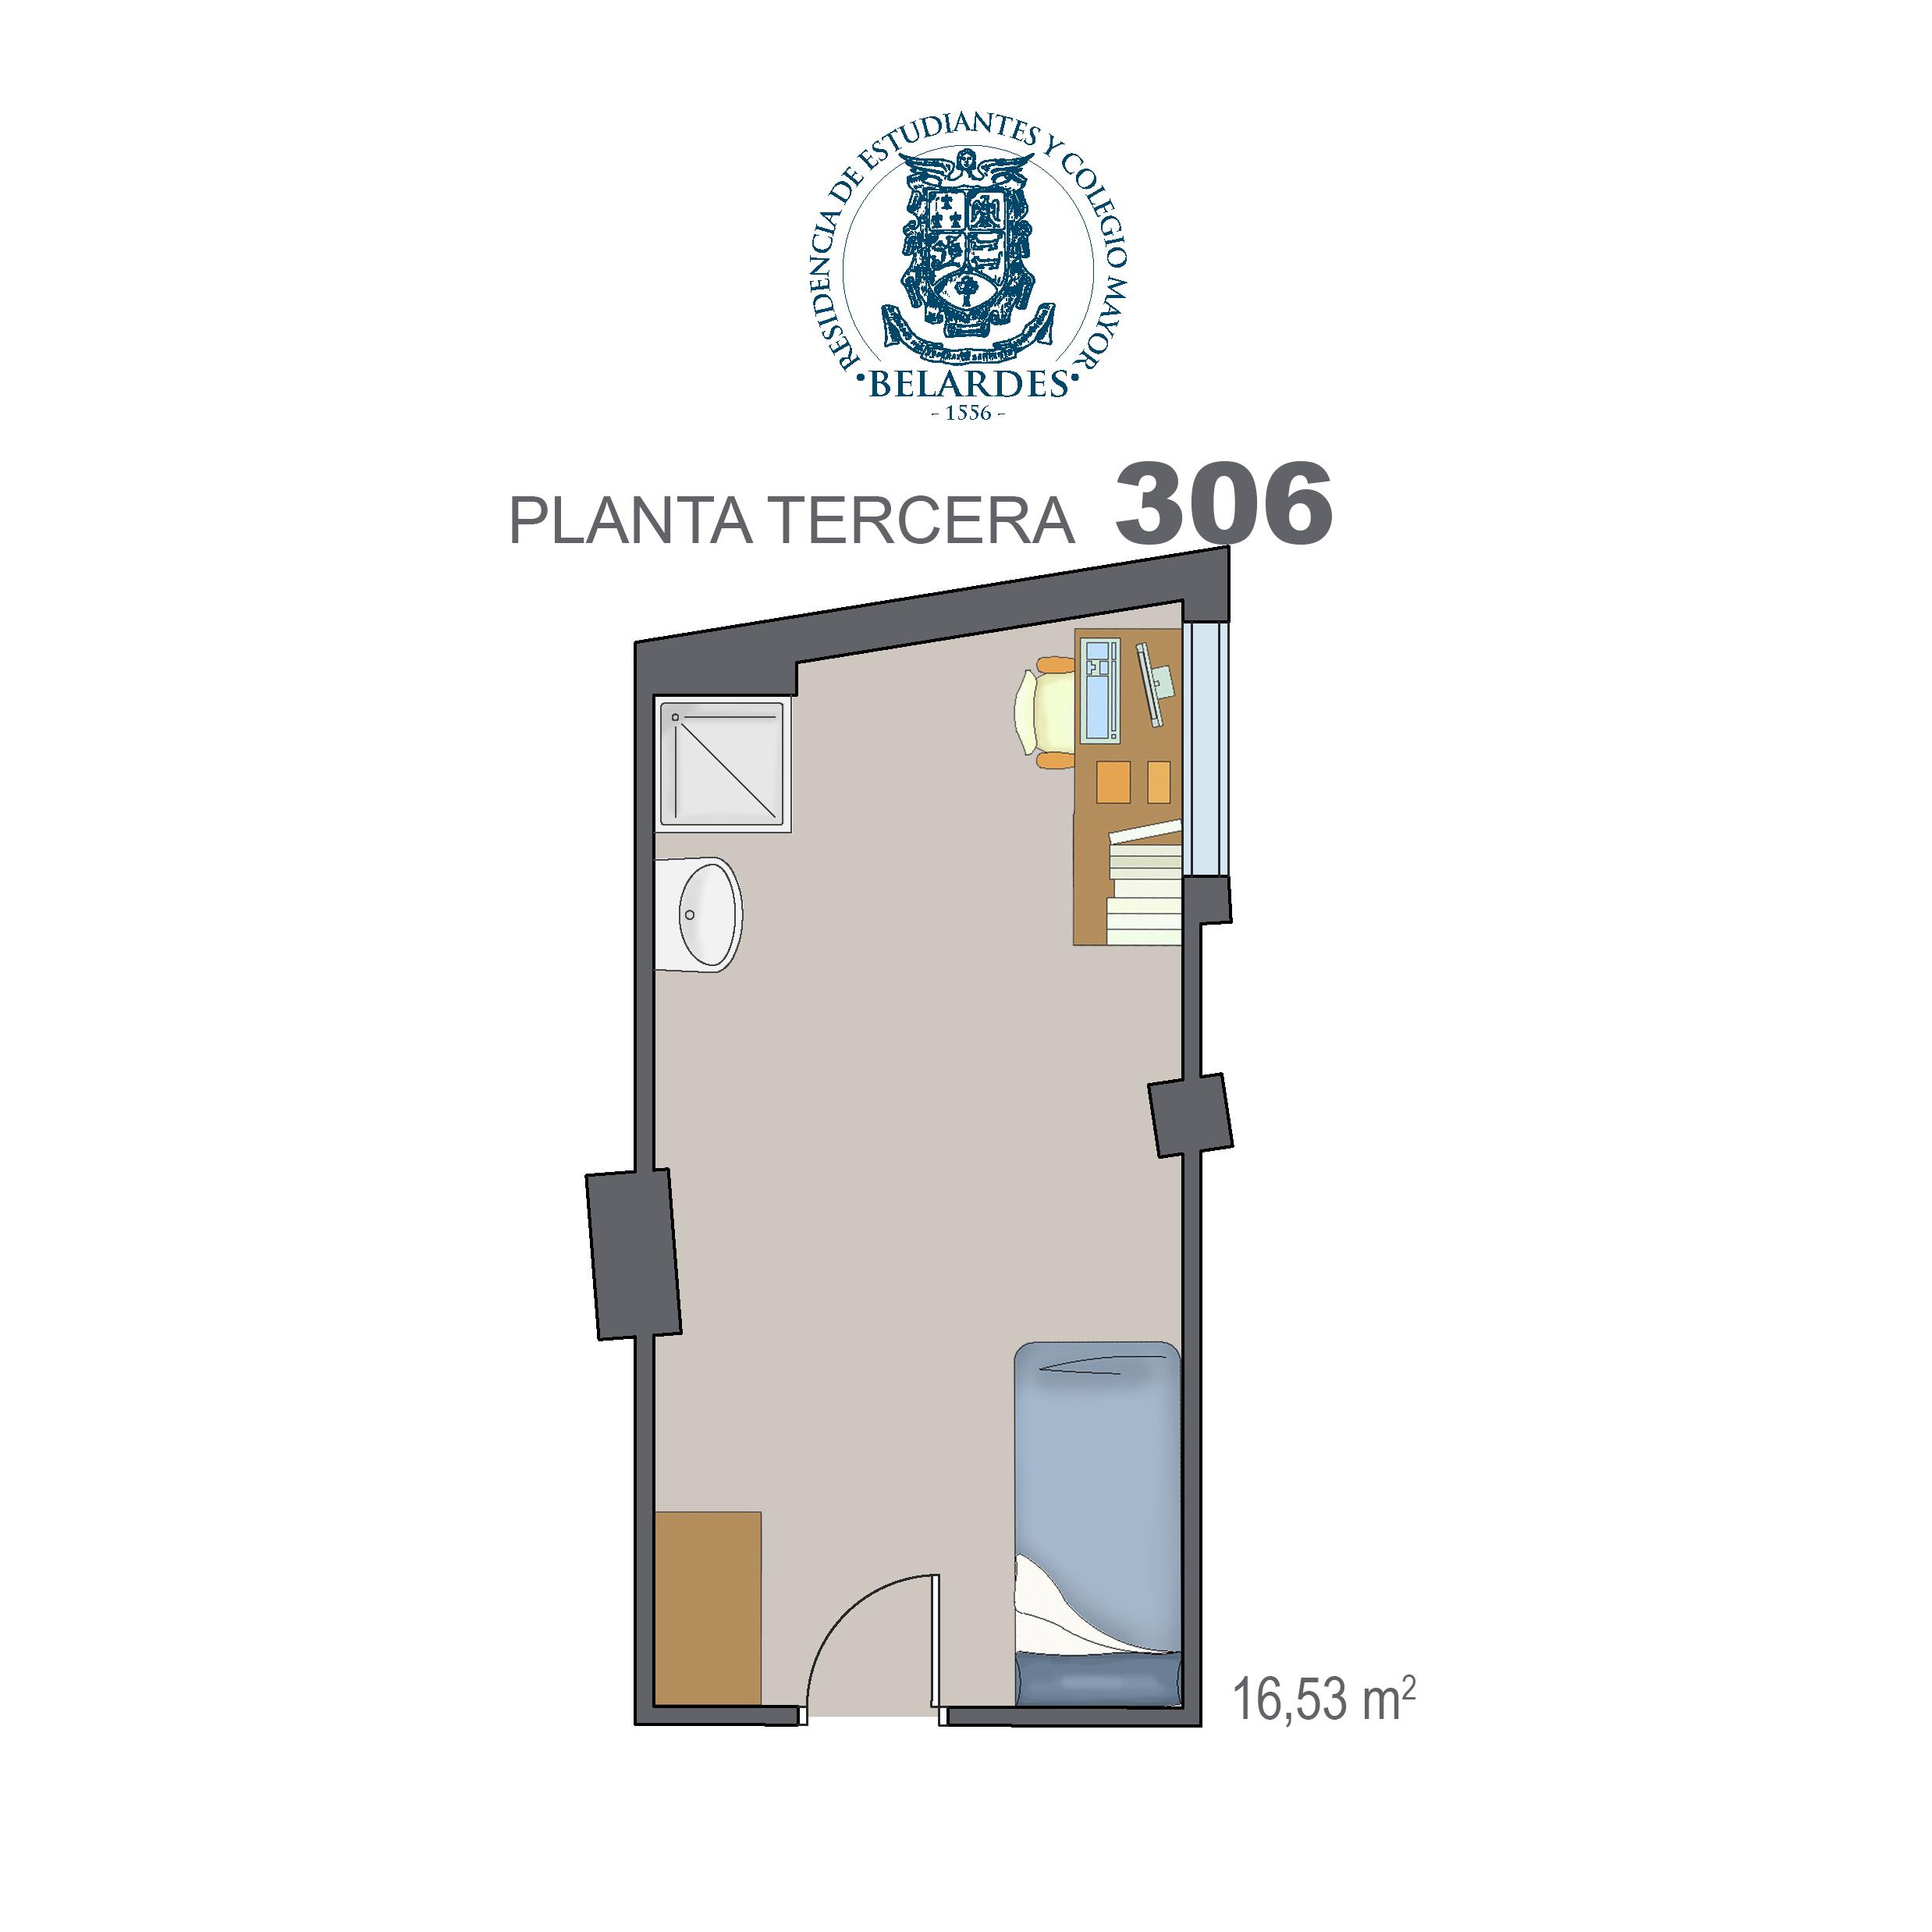 tercera 306